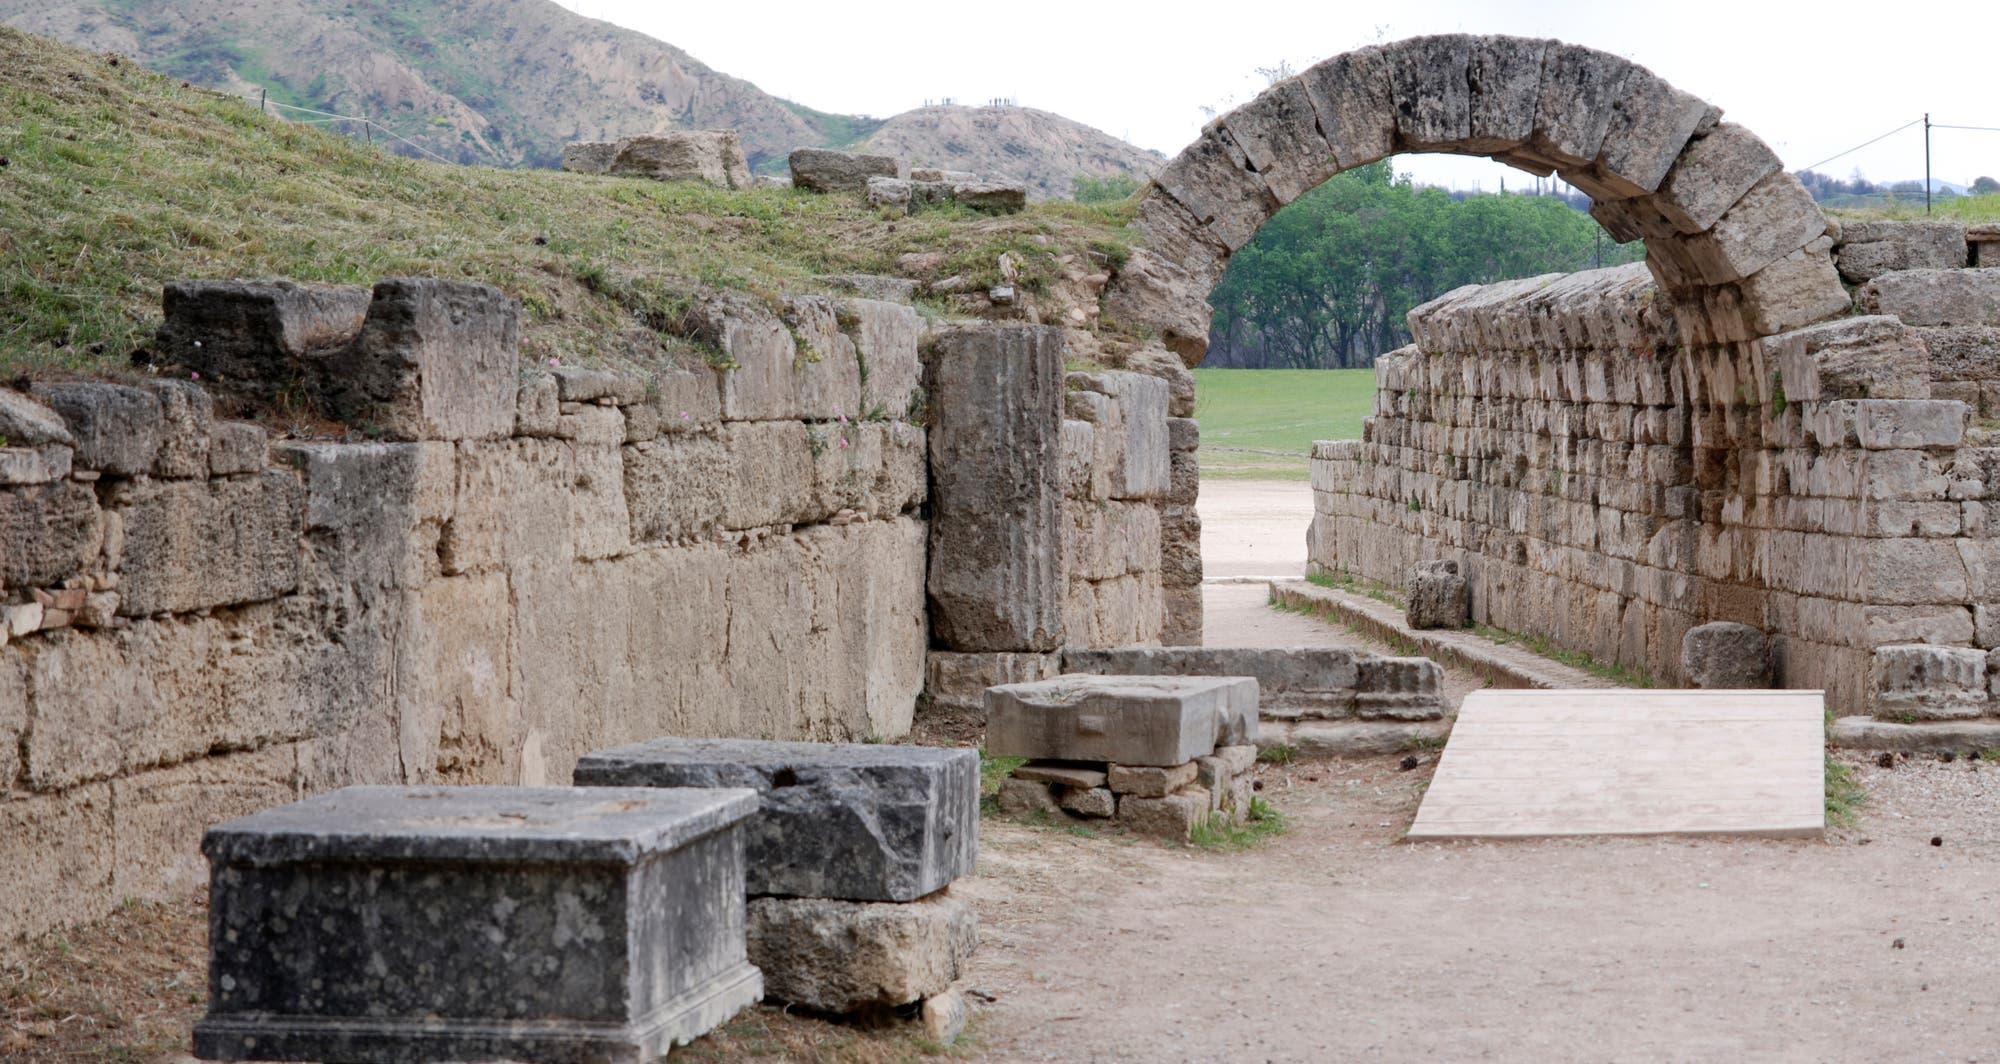 Podeste der Zanes-Statuen